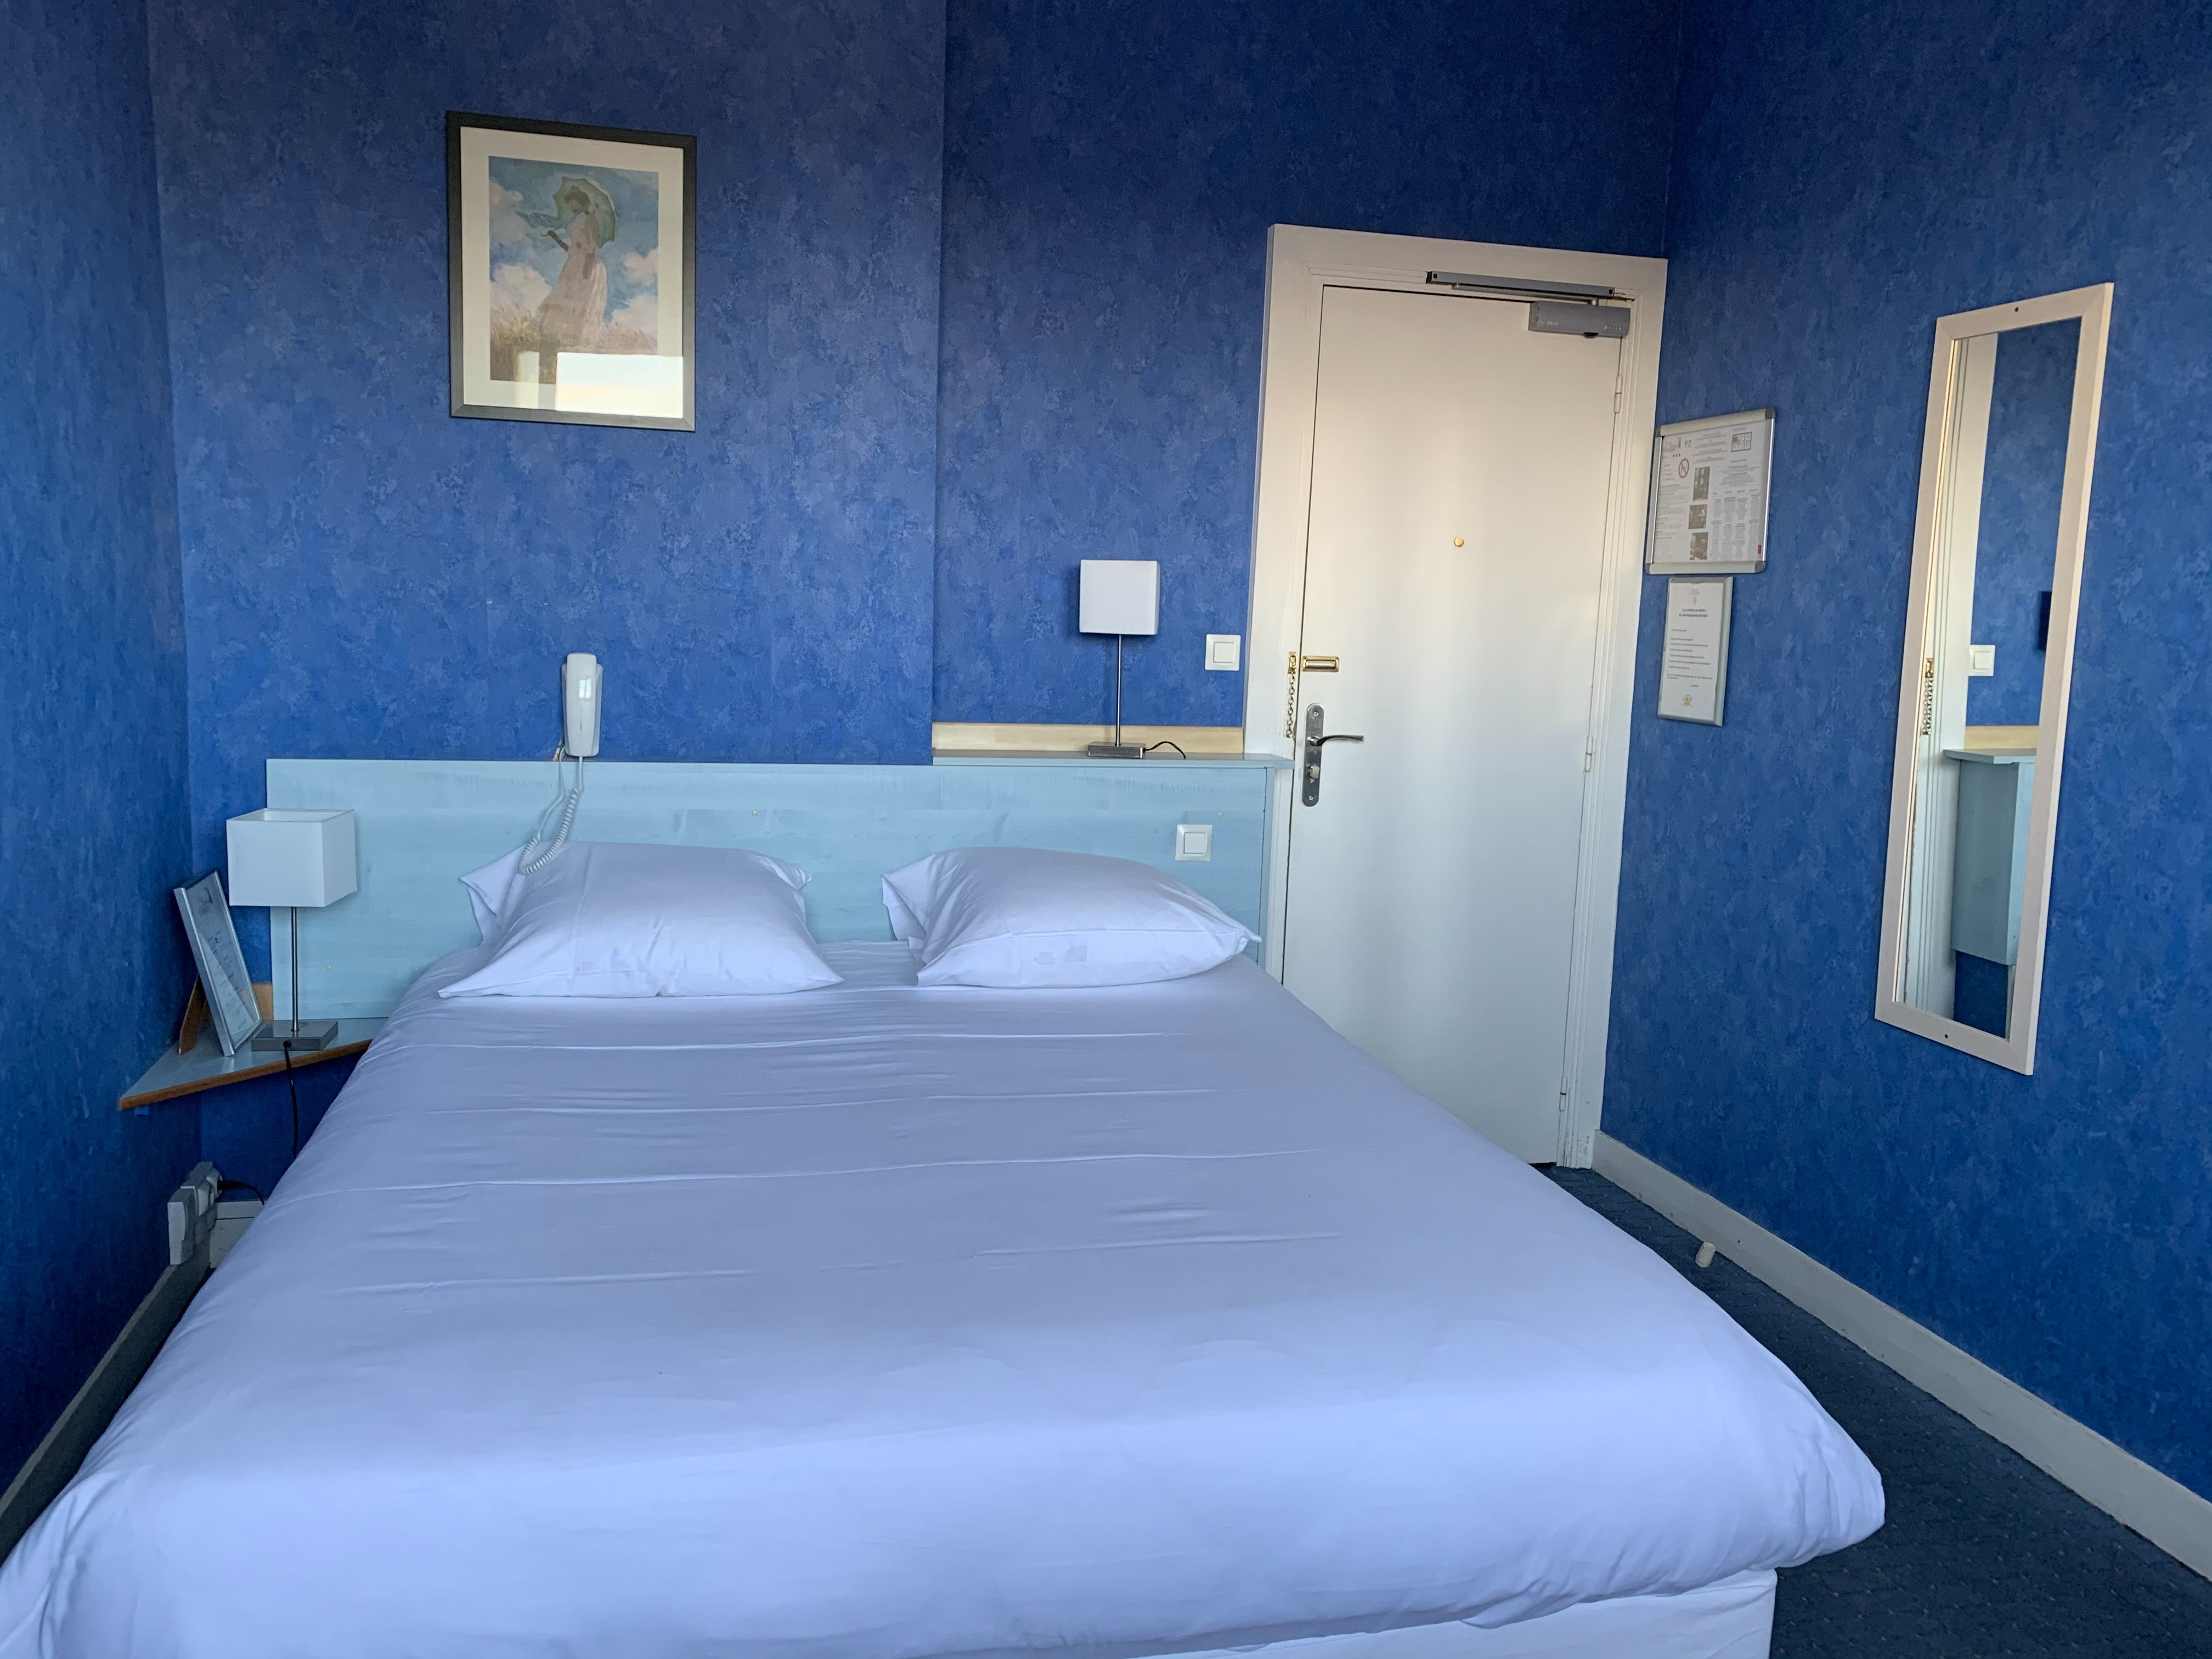 hotel-anne-de-bretagne-blois-centre-ville-chambre-double-superieure